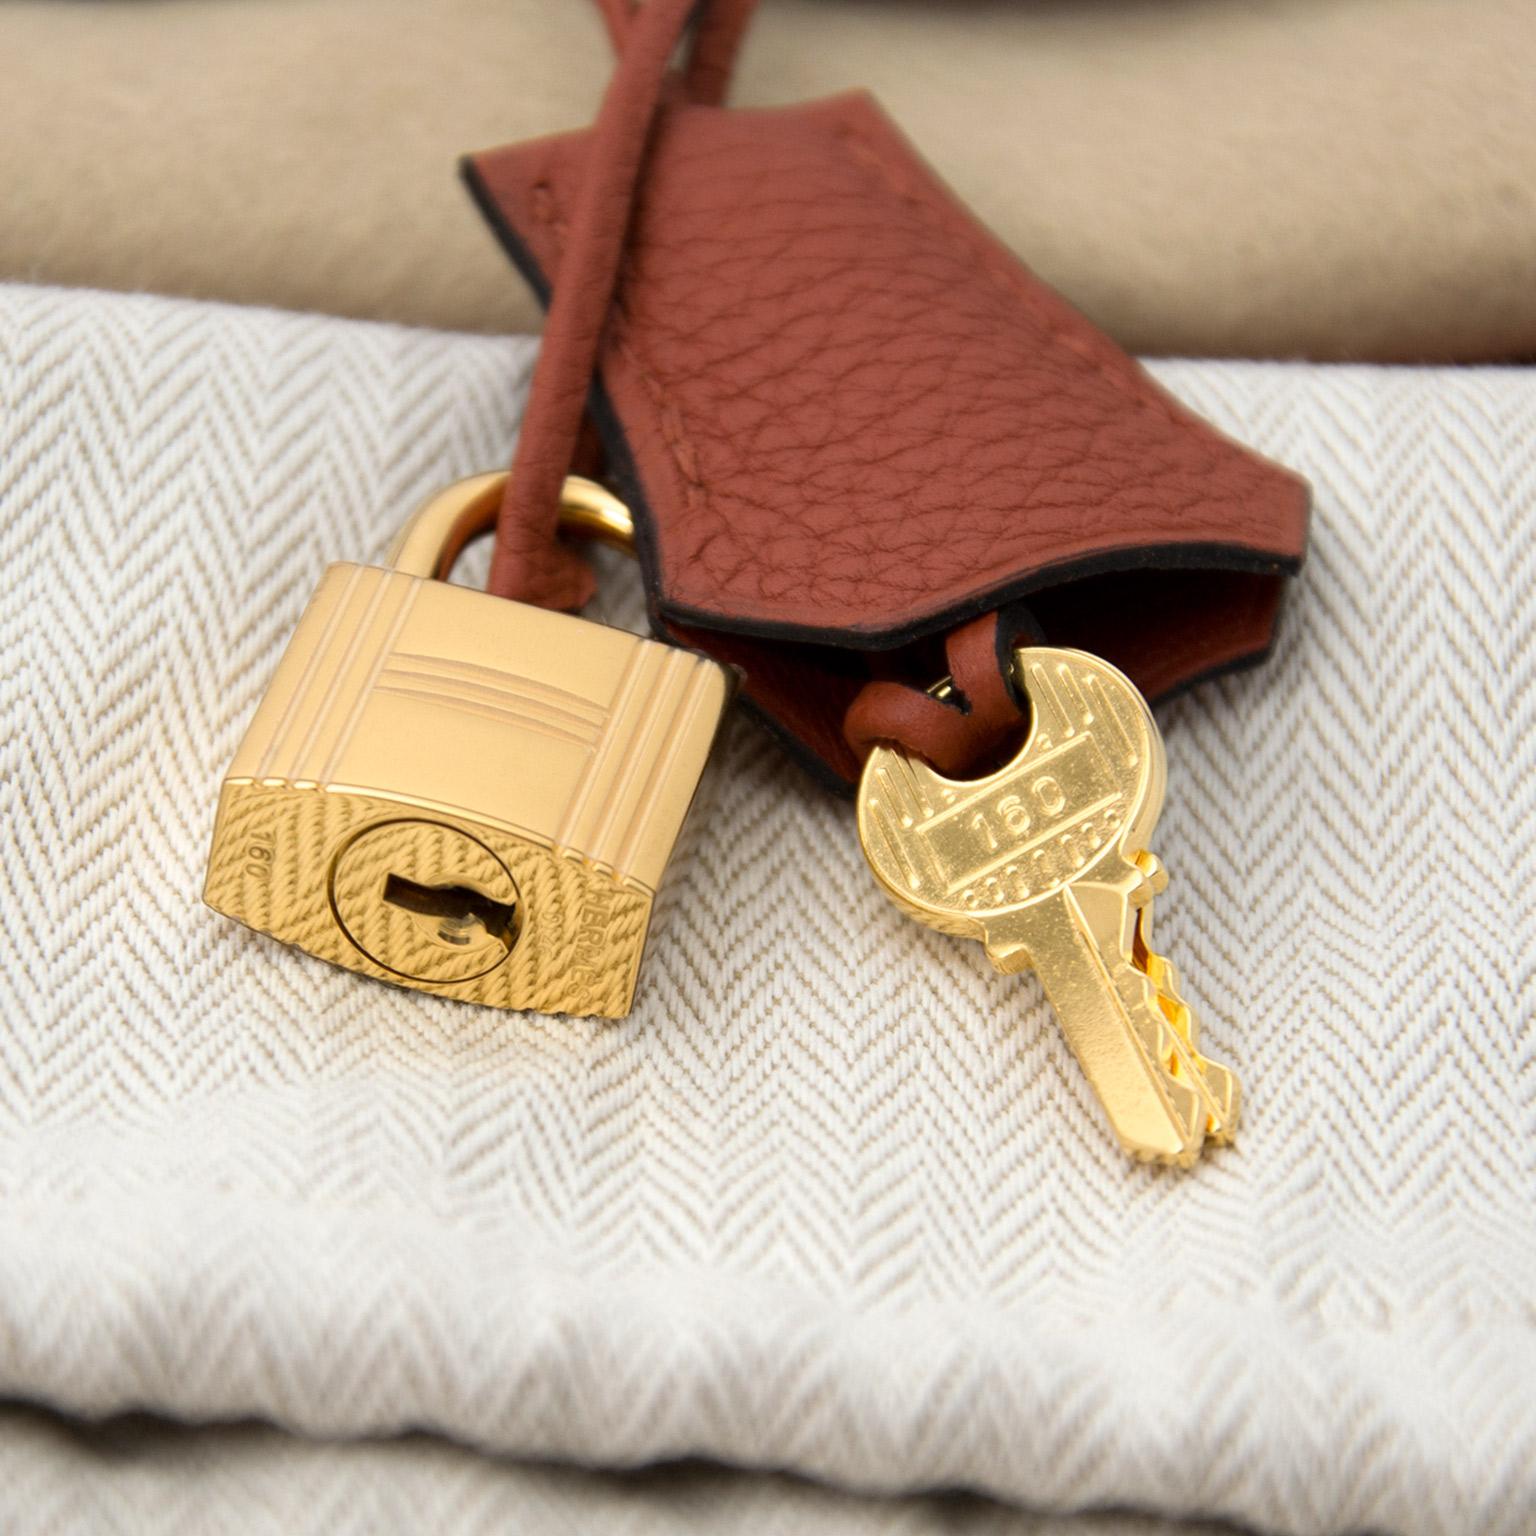 Vintage Hermès Birkin cuivre bags for the best price at Labellov webshop. Safe and secure online shopping with 100% authenticity. Vintage Hermès Birkin cuivre bags pour le meilleur prix.